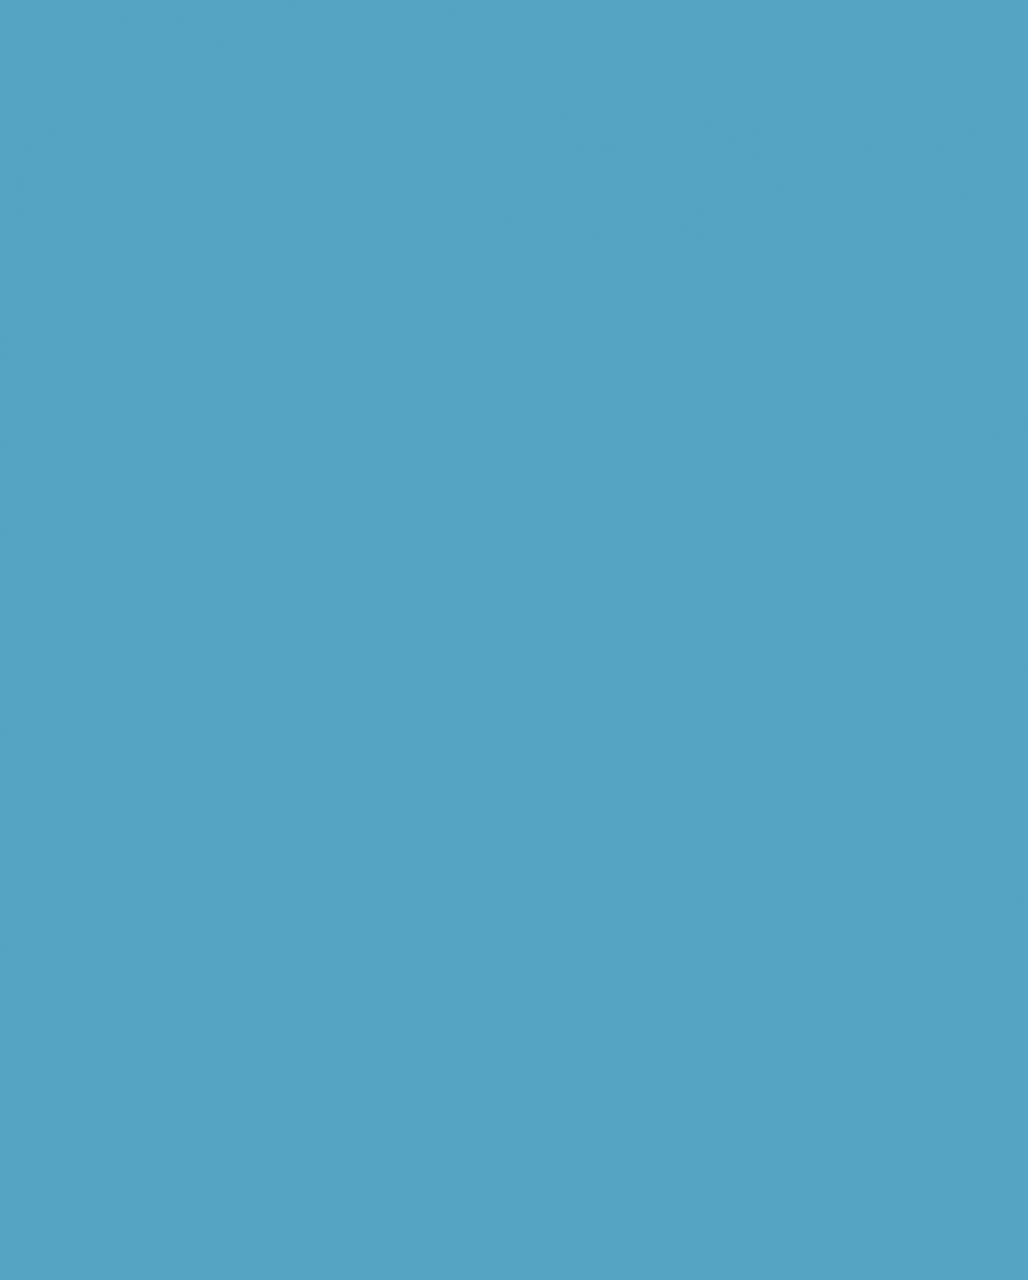 5515 Marmara Blue (MF PB sample)